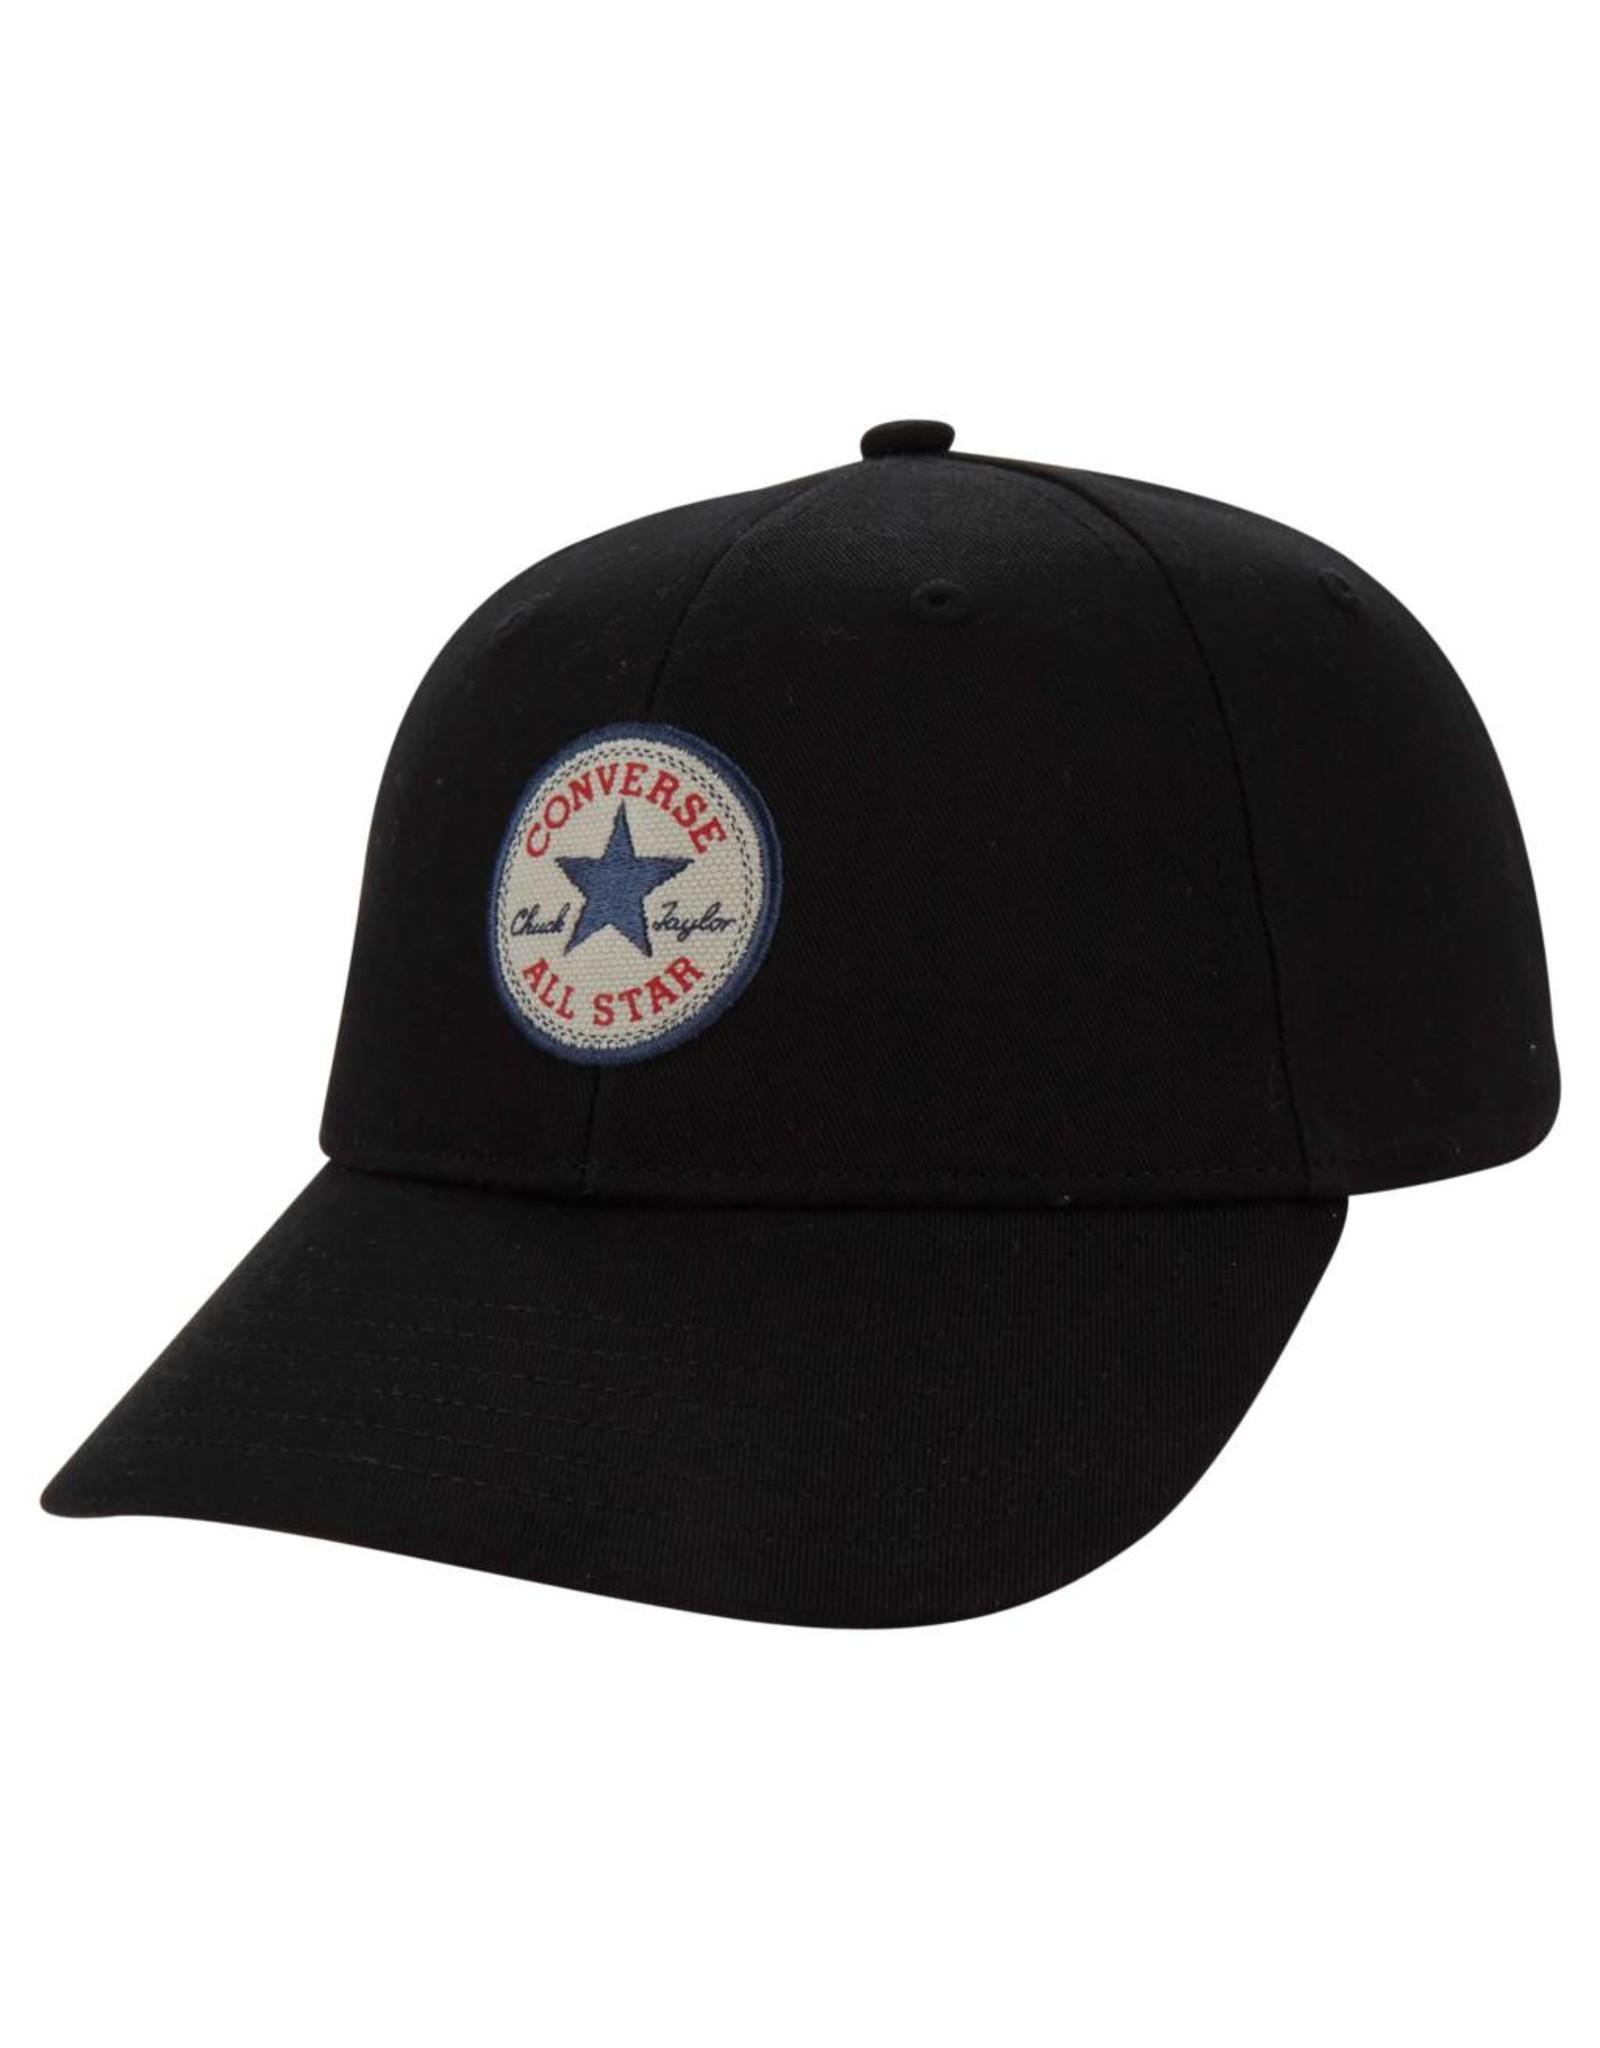 CONVERSE CONVERSE SHORT VISOR SORE CON320  CAP